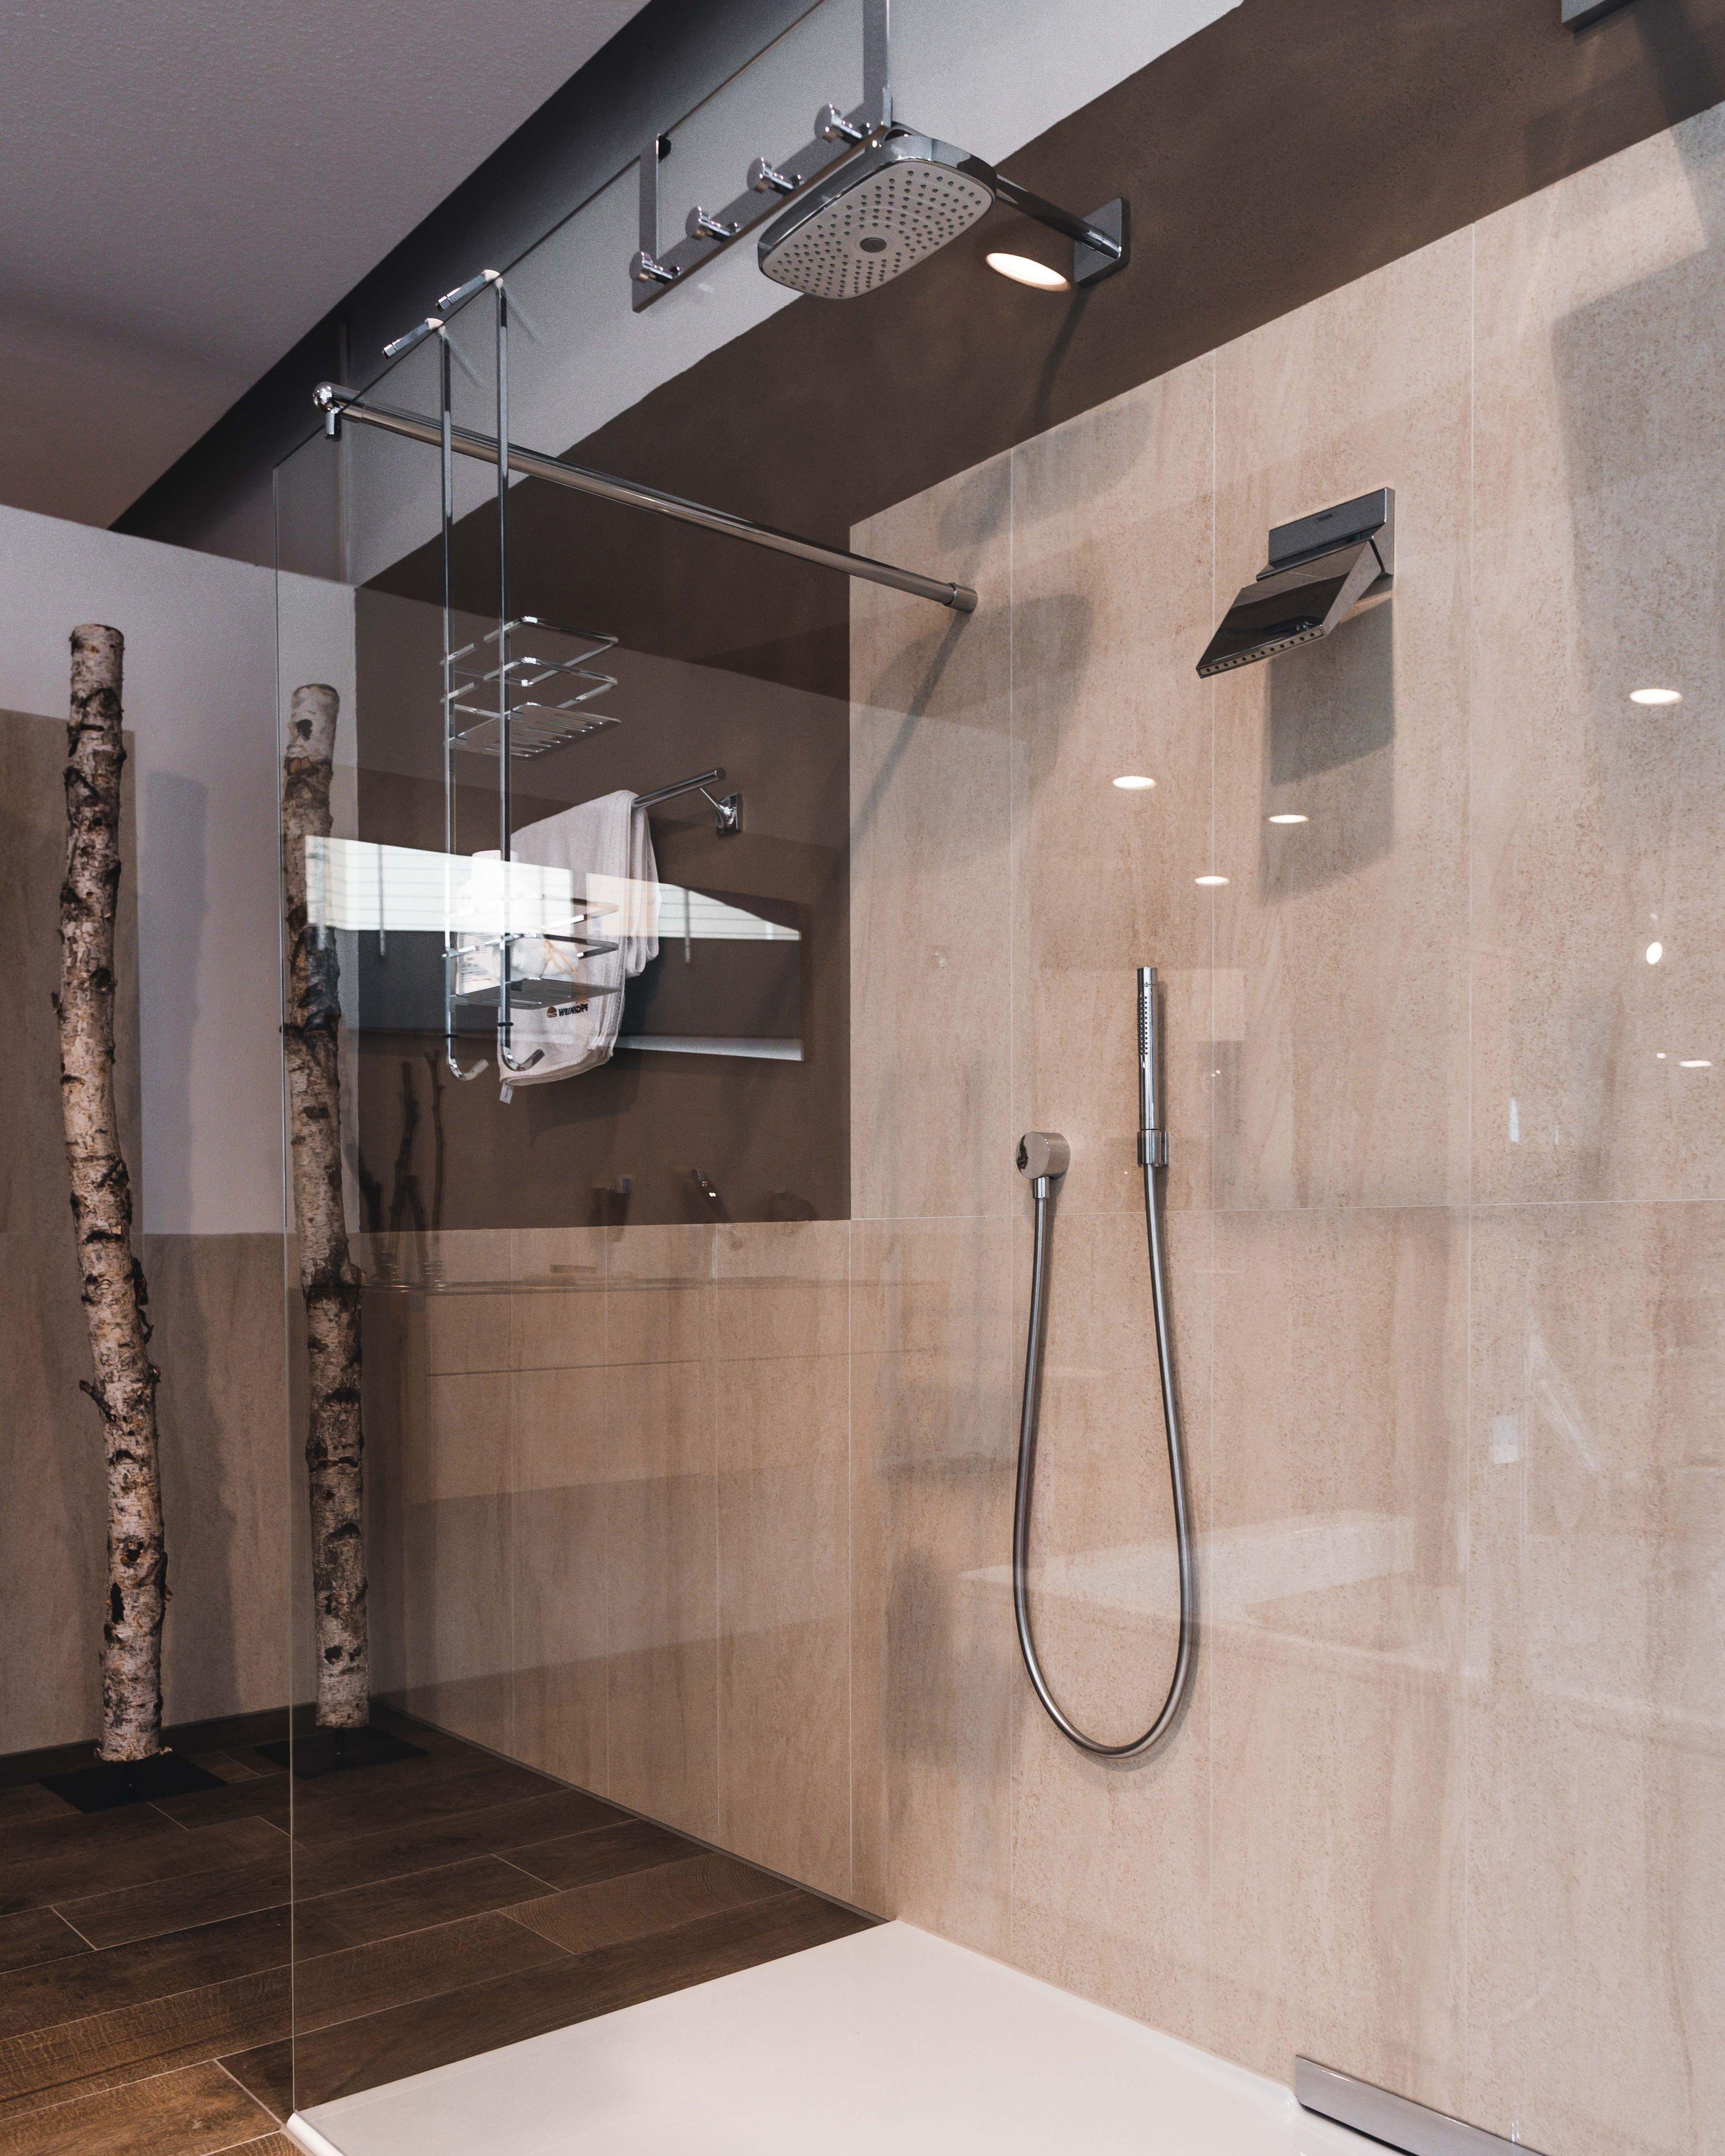 Begehbare Duschen Sind Nicht Nur Komfortabler Sondern Unserer Meinung Nach Auch Optisch Ansprechender Und Wirken Vo Dusche Umgestalten Dusche Klassische Bader